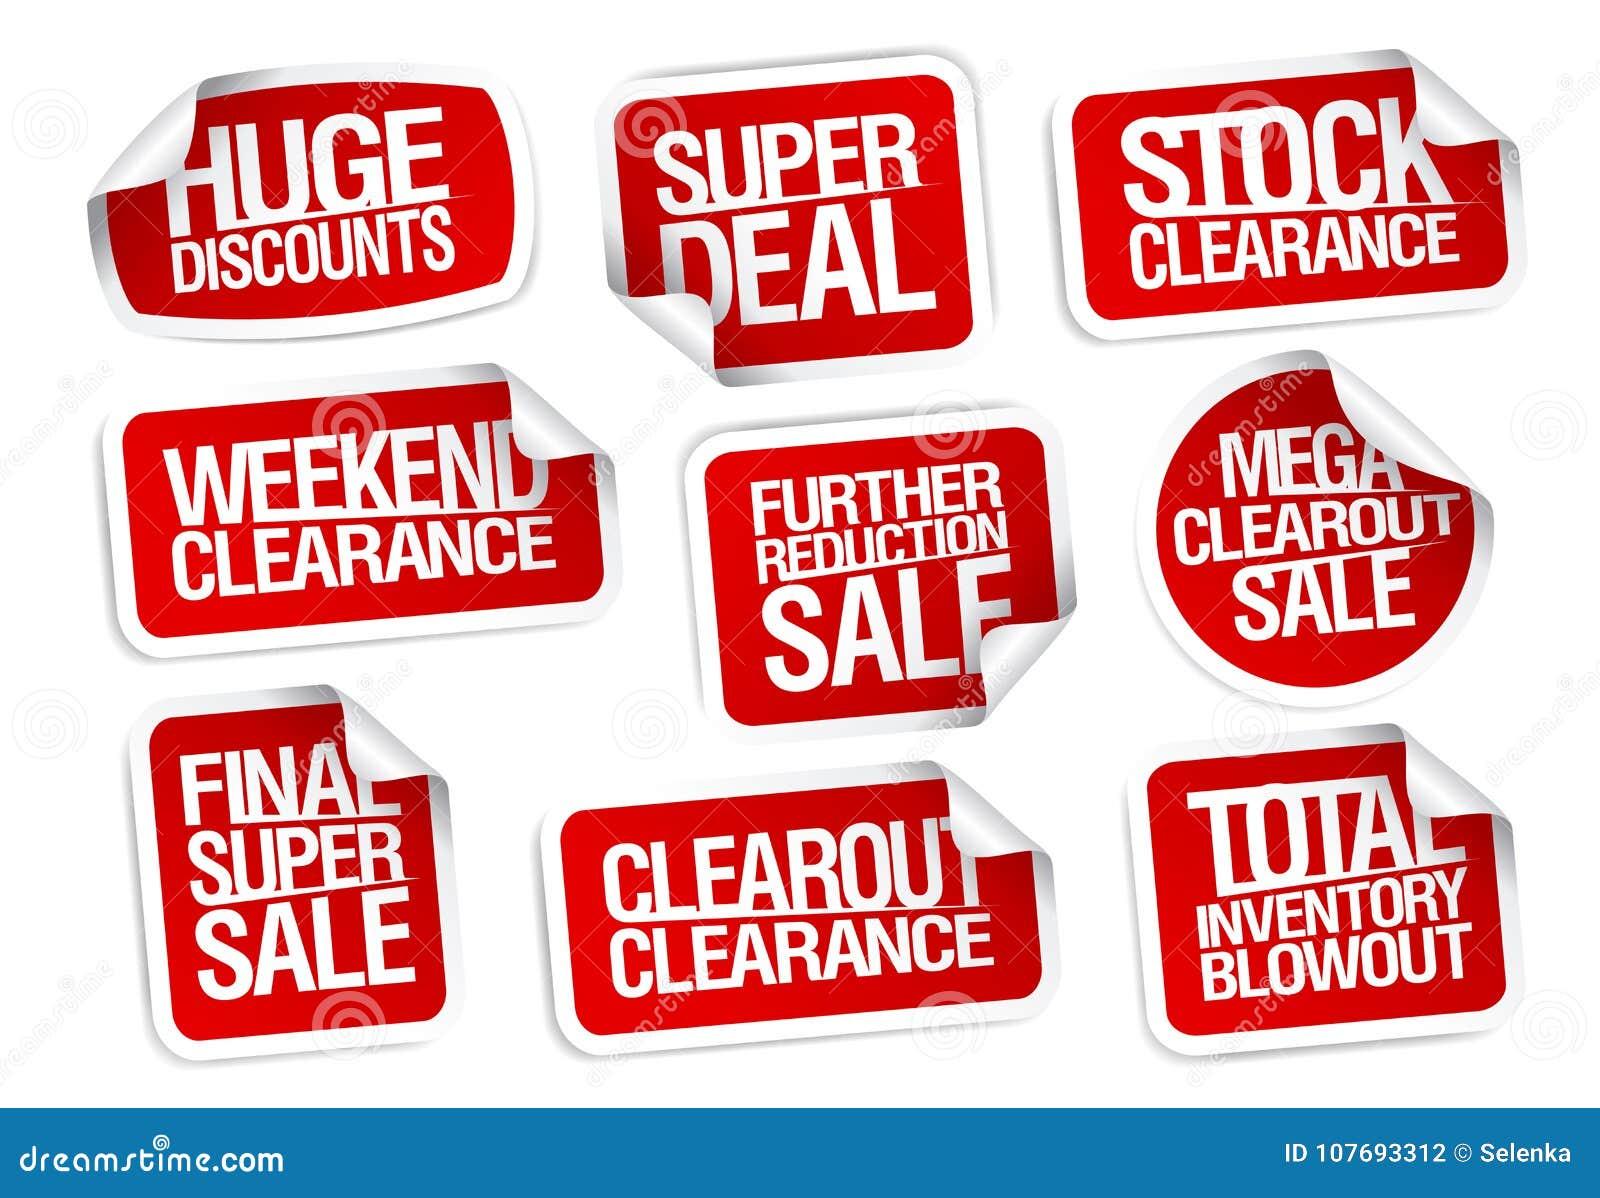 Colección de las etiquetas engomadas de la venta - descuentos enormes, super oferta, liquidación común